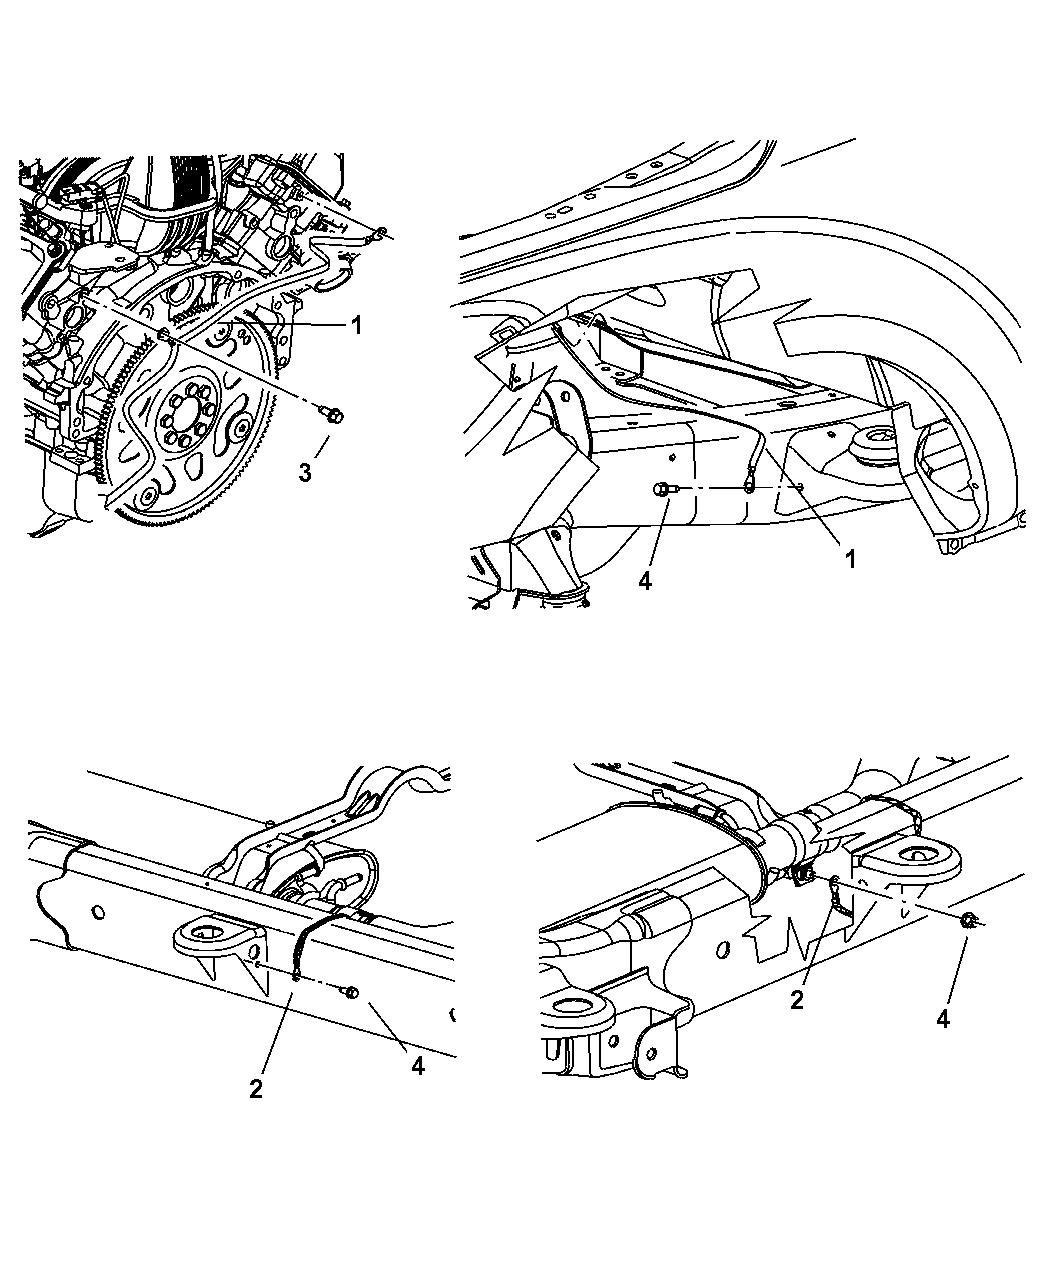 2006 Dodge Durango Engine Diagram